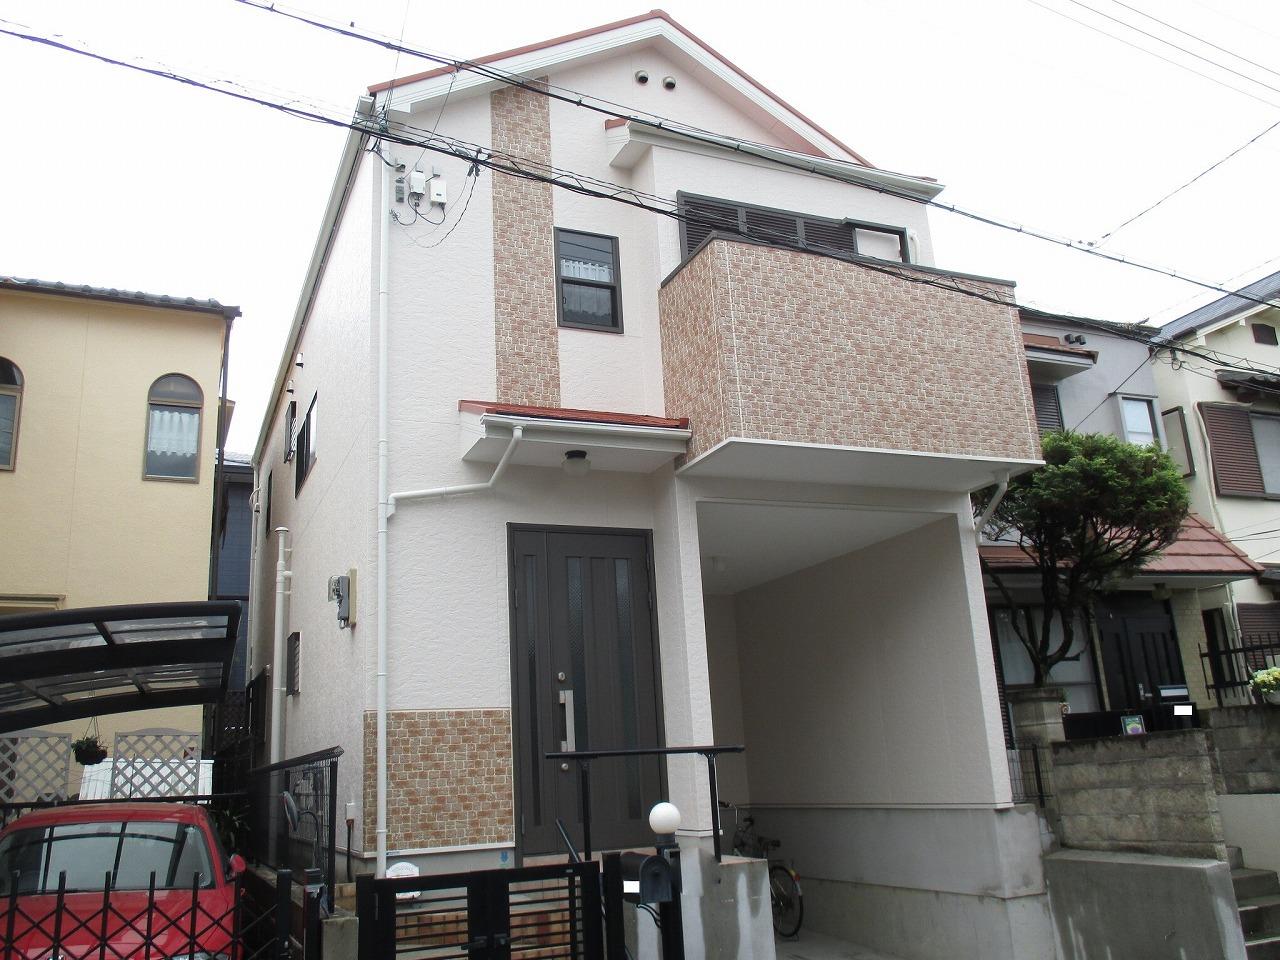 神戸市垂水区清水が丘 | 神戸市 外壁塗装専門店 | 日本一親切な ...